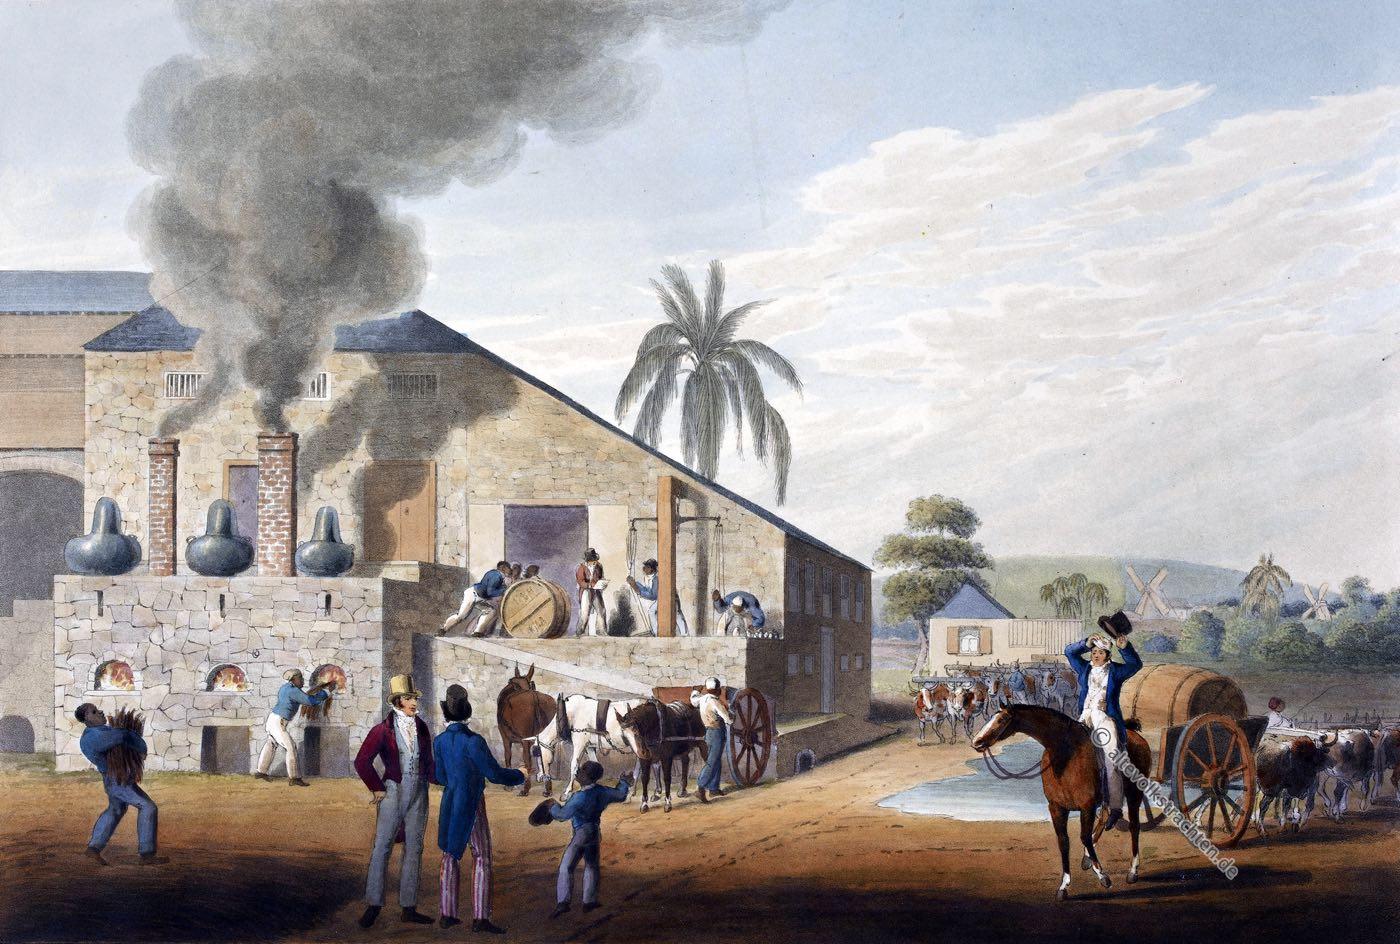 Zuckerraffinerie, Sklaven, Zuckerrohr, Plantage, Antigua, Kolonialismus, Bermudas, Karibik, William Clark